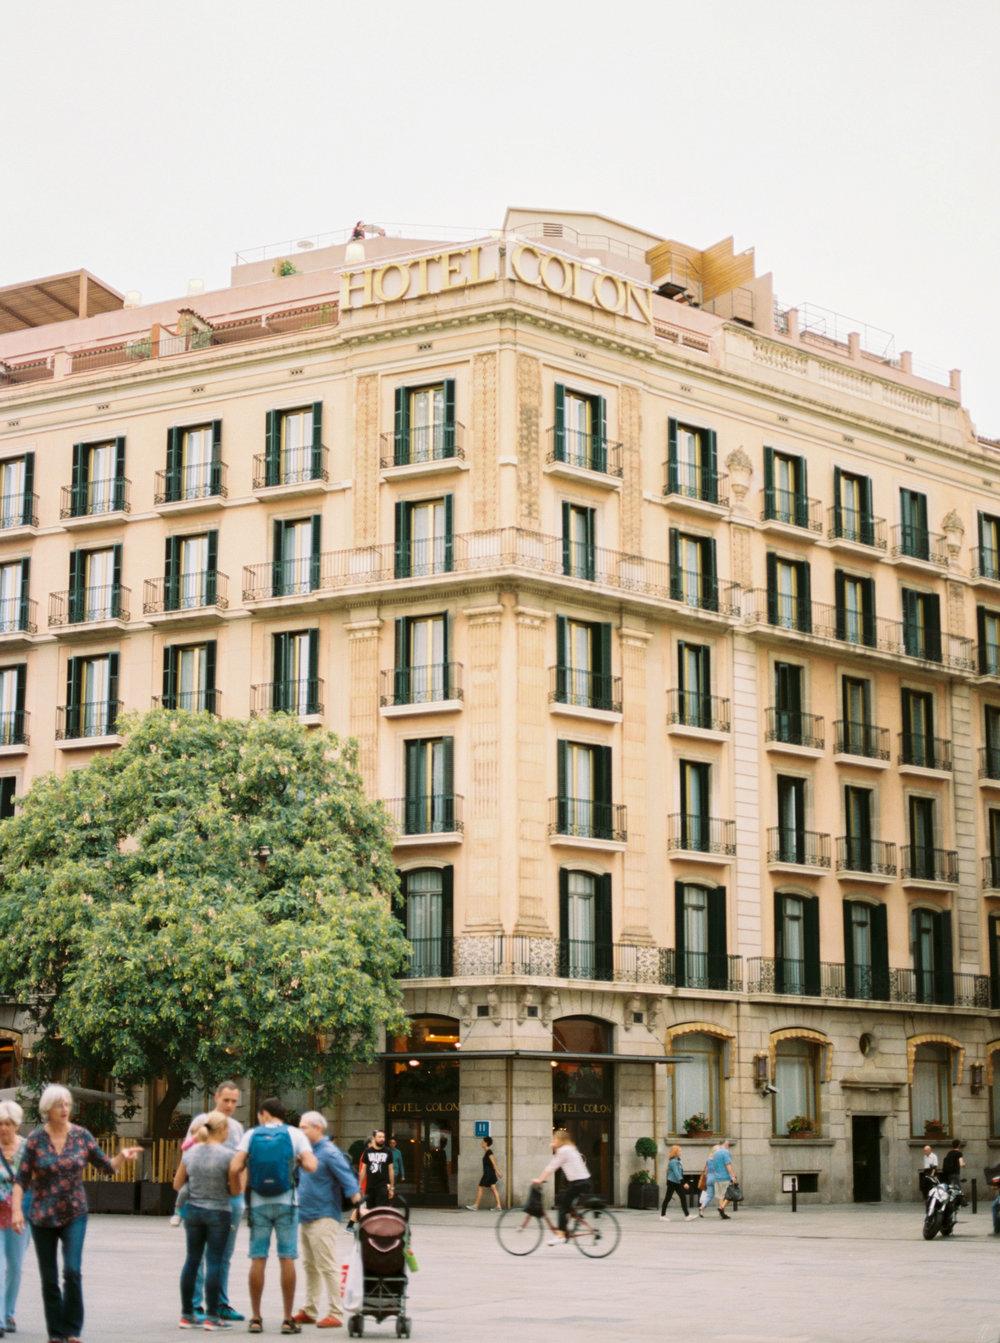 dennisroycoronel_barcelona_boudoir-2.jpg